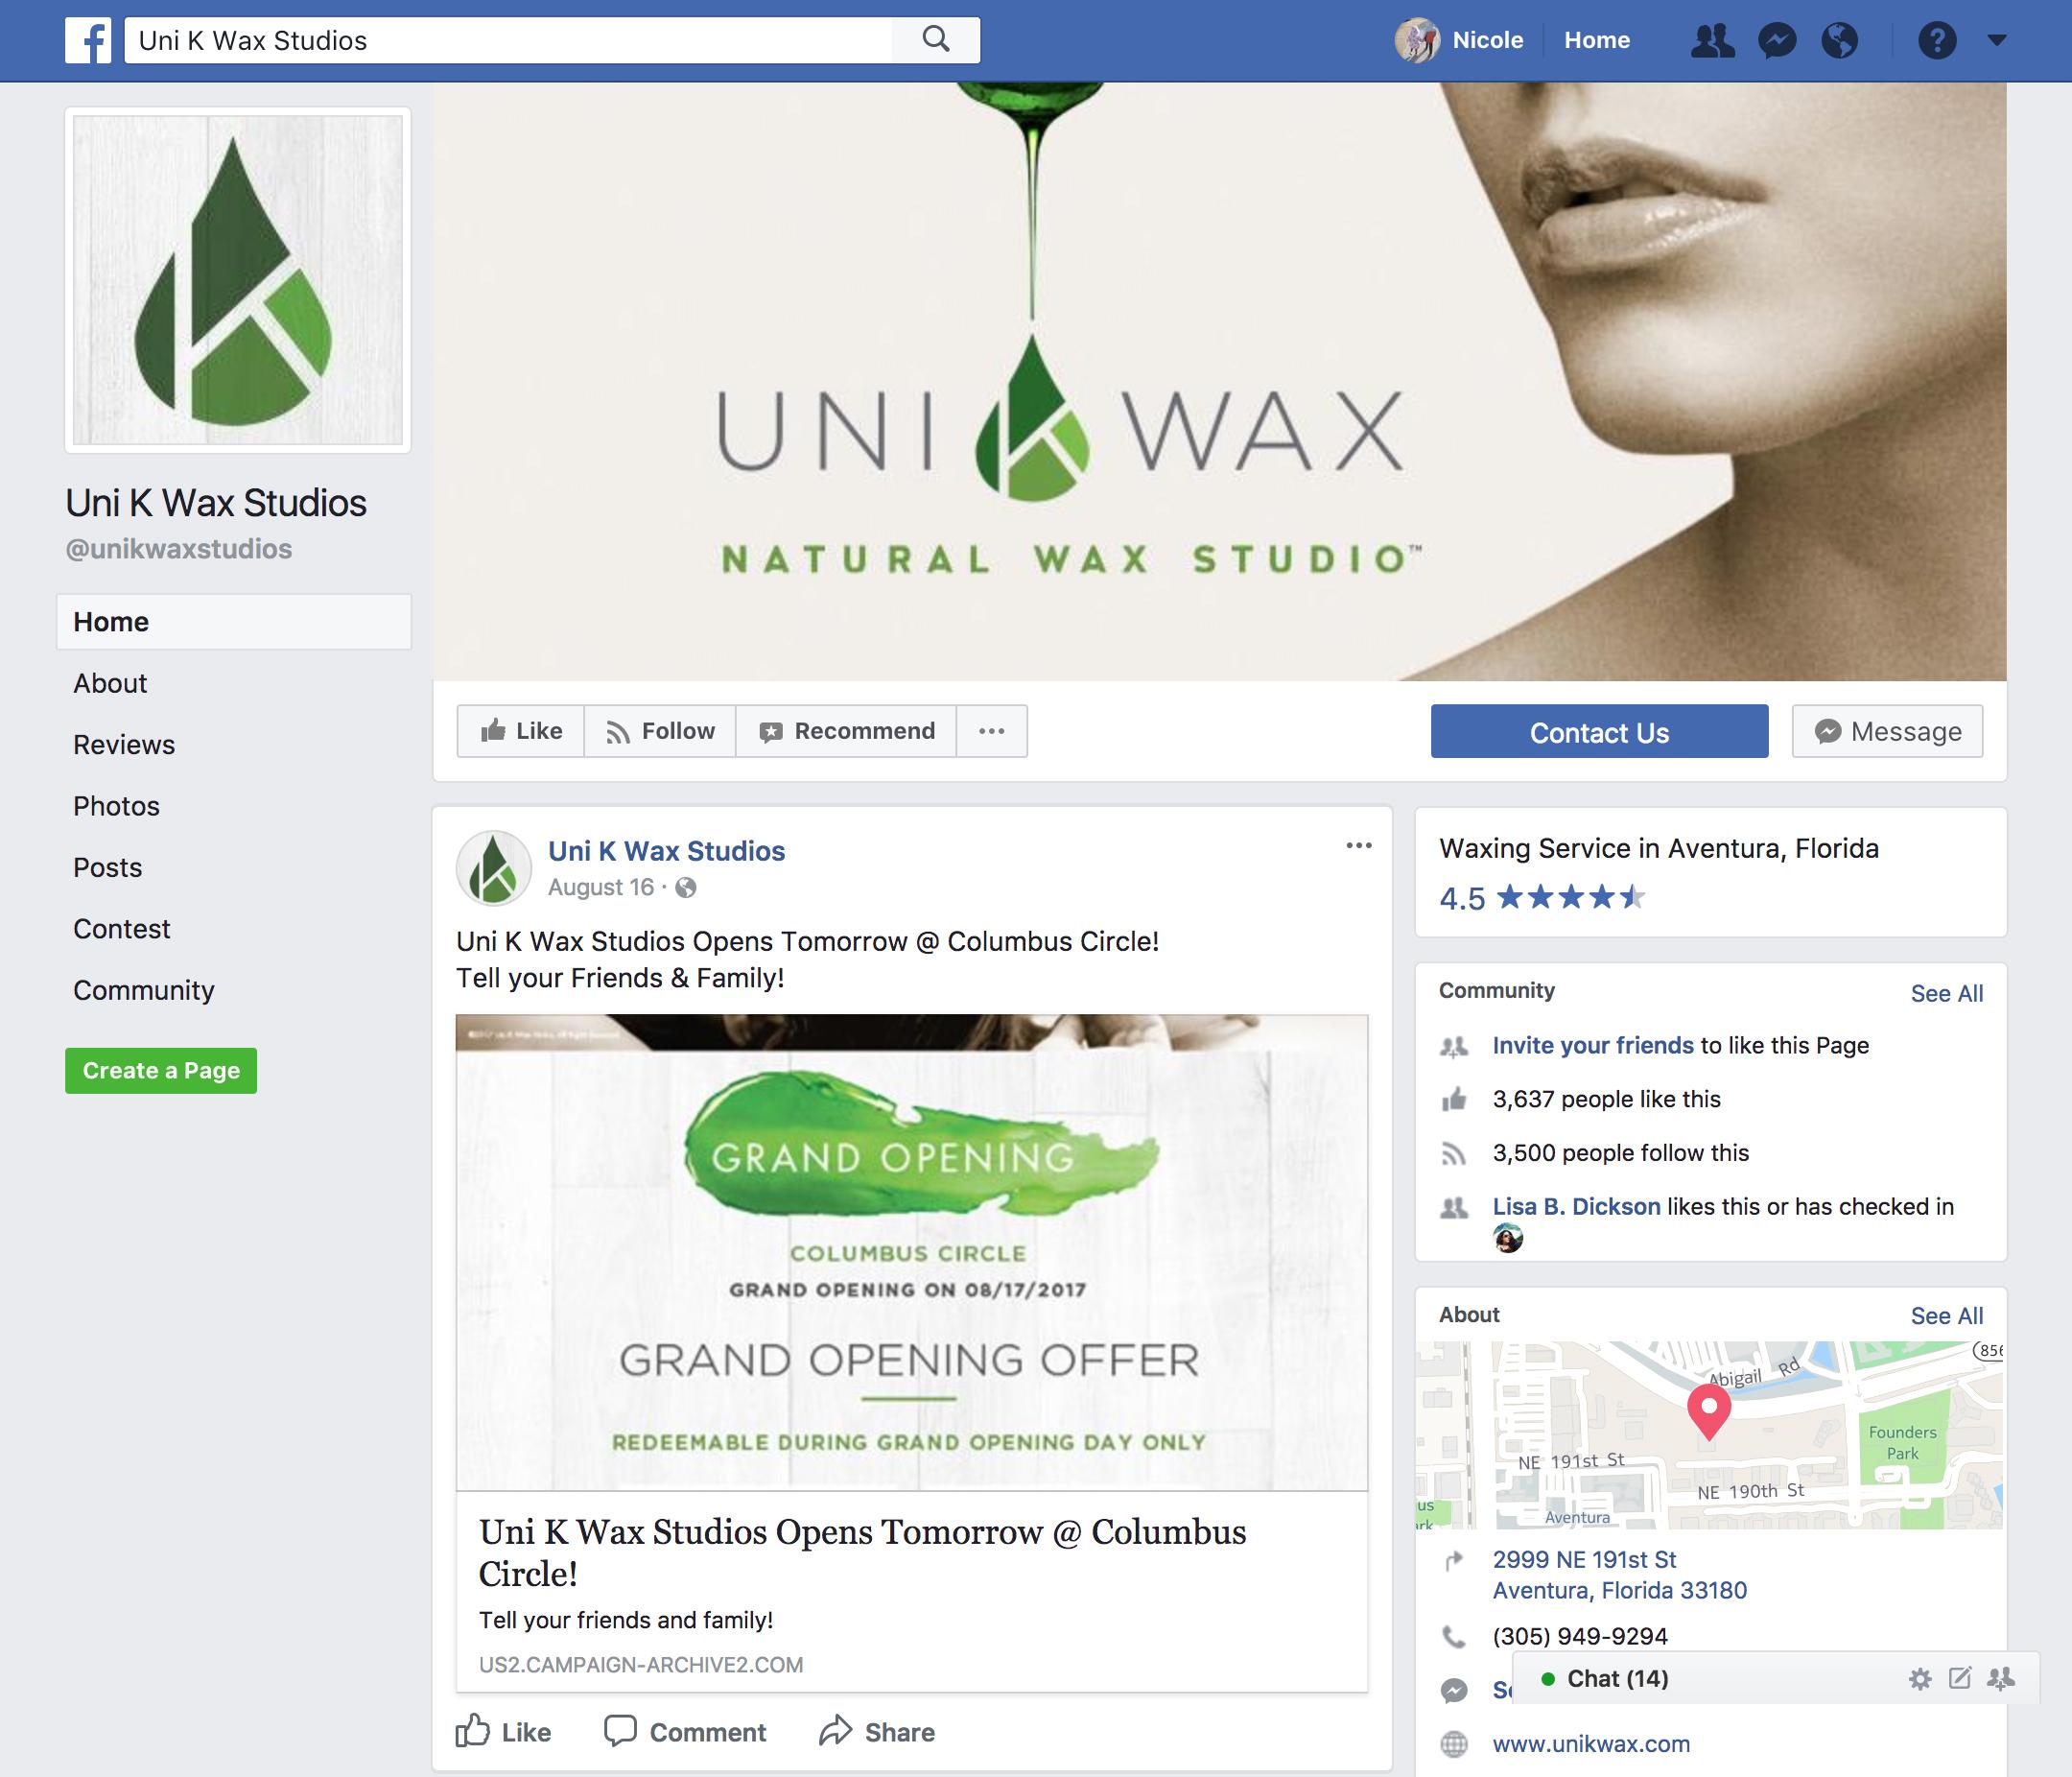 Unikwaxstudios_FBPage